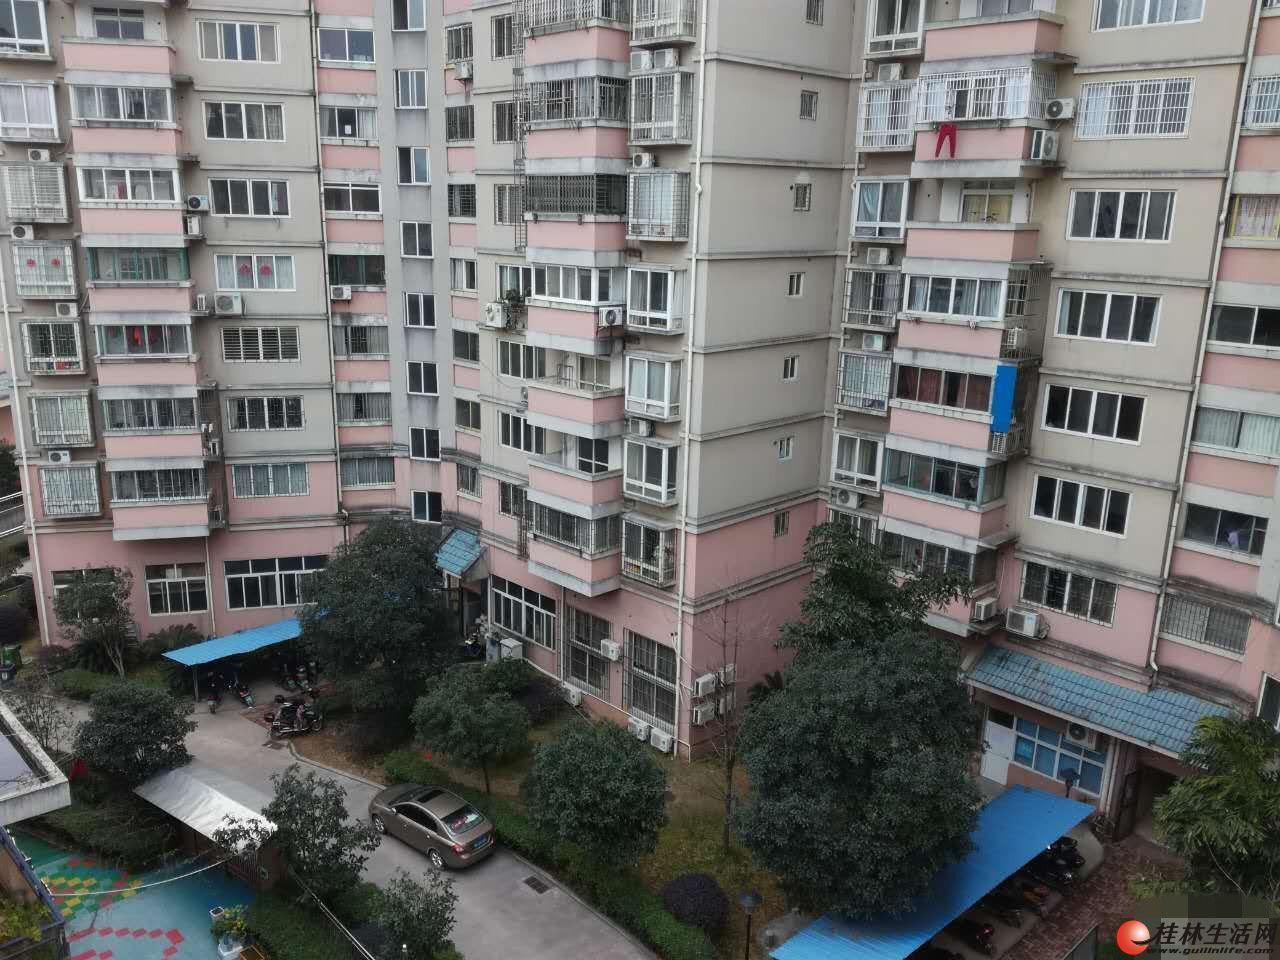 瓦窑口德天广场彰泰城附近4房2厅2卫,2楼165平米,低价仅98万